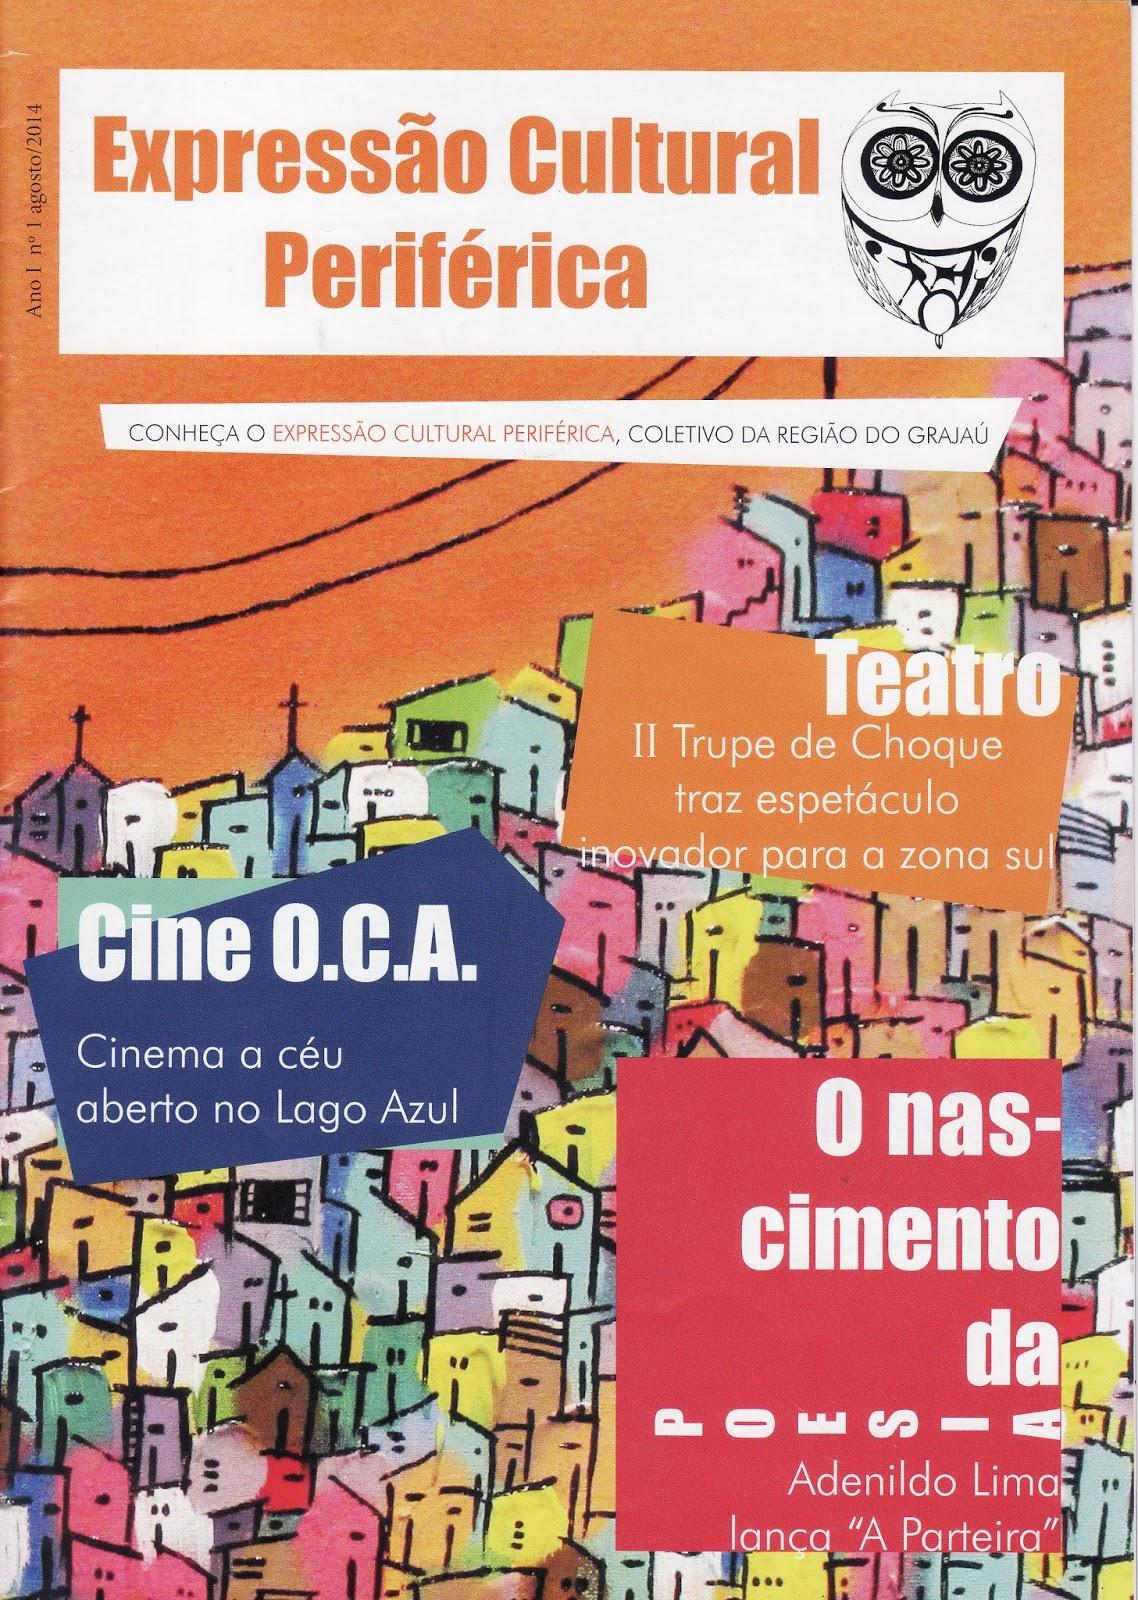 db65db066 Edição nº 1 - Agosto 2014 - Acesse conteúdo na íntegra  https   issuu .com revistaecp docs r revista expressao cultural perife e 15900890 38080341